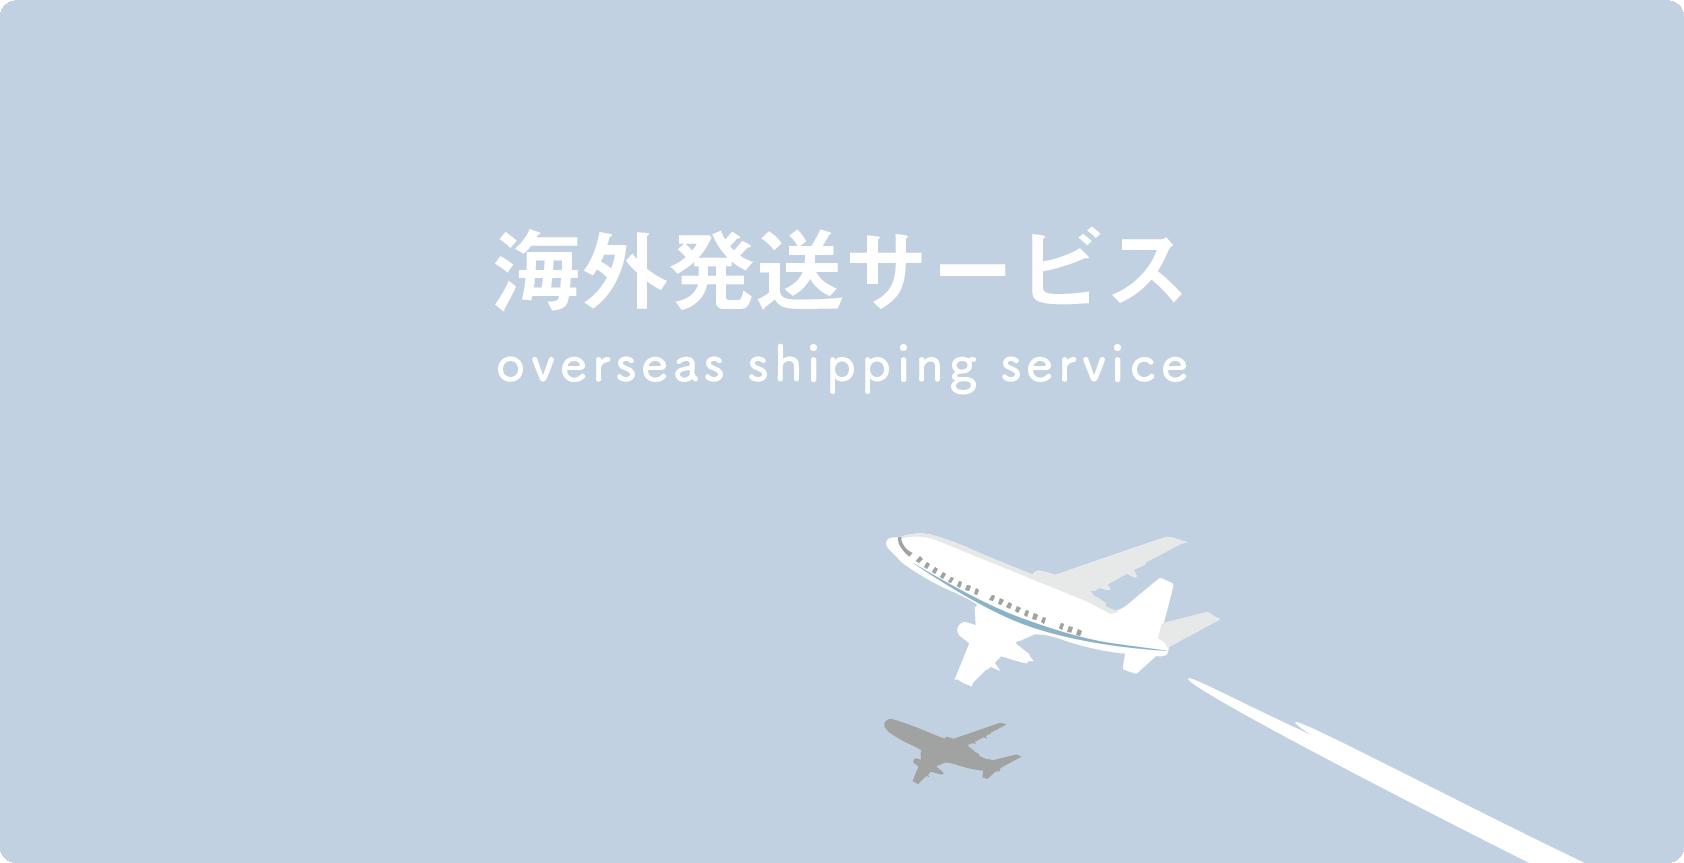 海外発送サービス